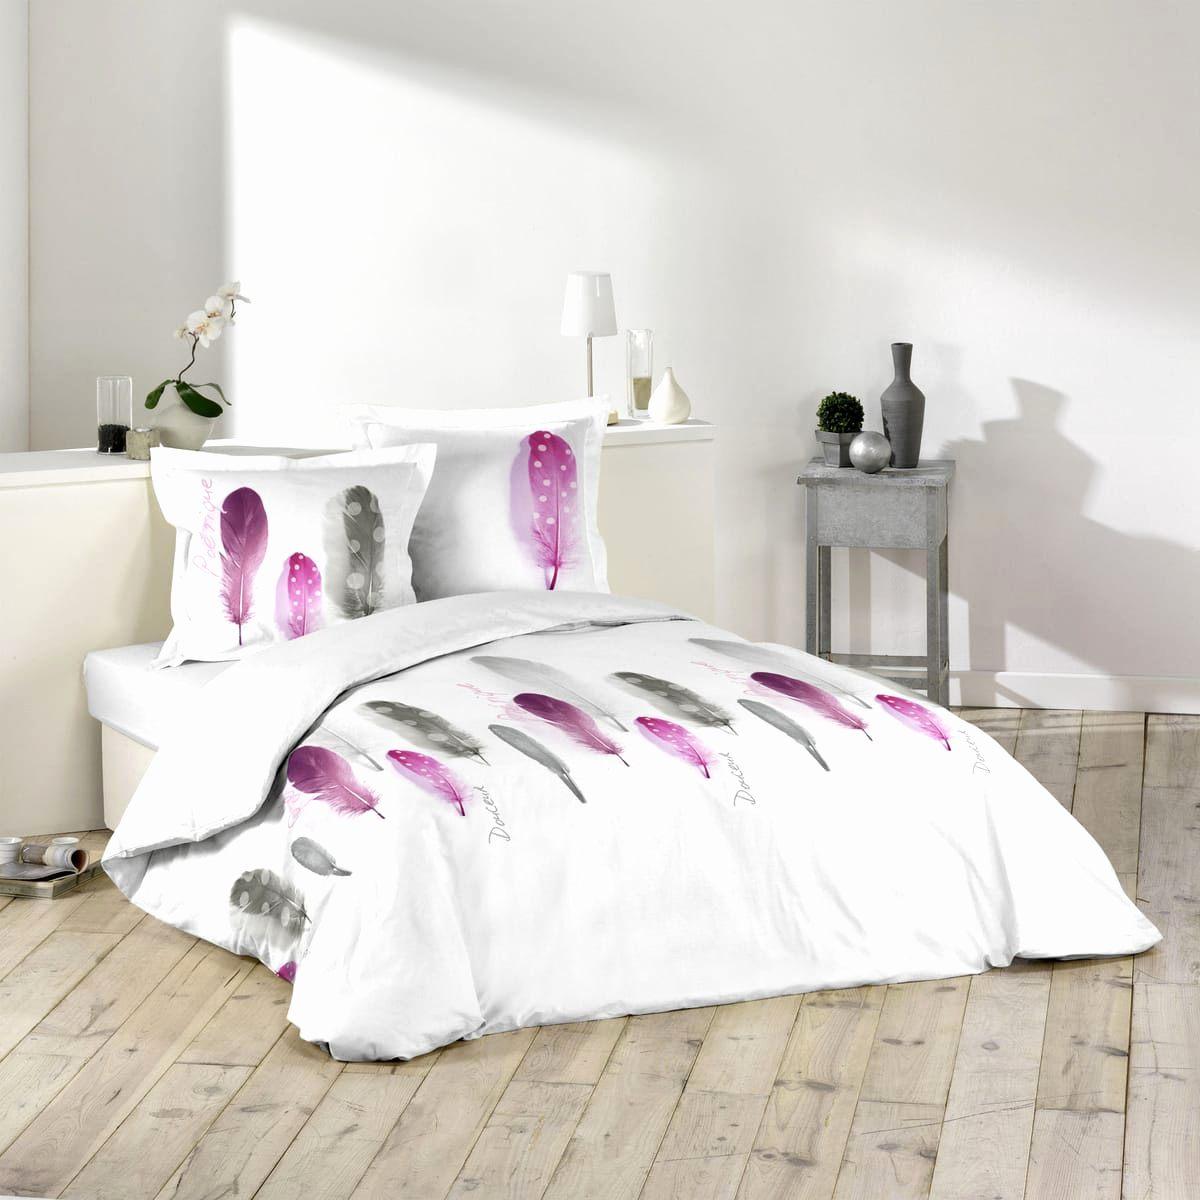 Couette Pour Lit 160—200 Ikea Luxe Couette Pour Lit 160—200 Ikea